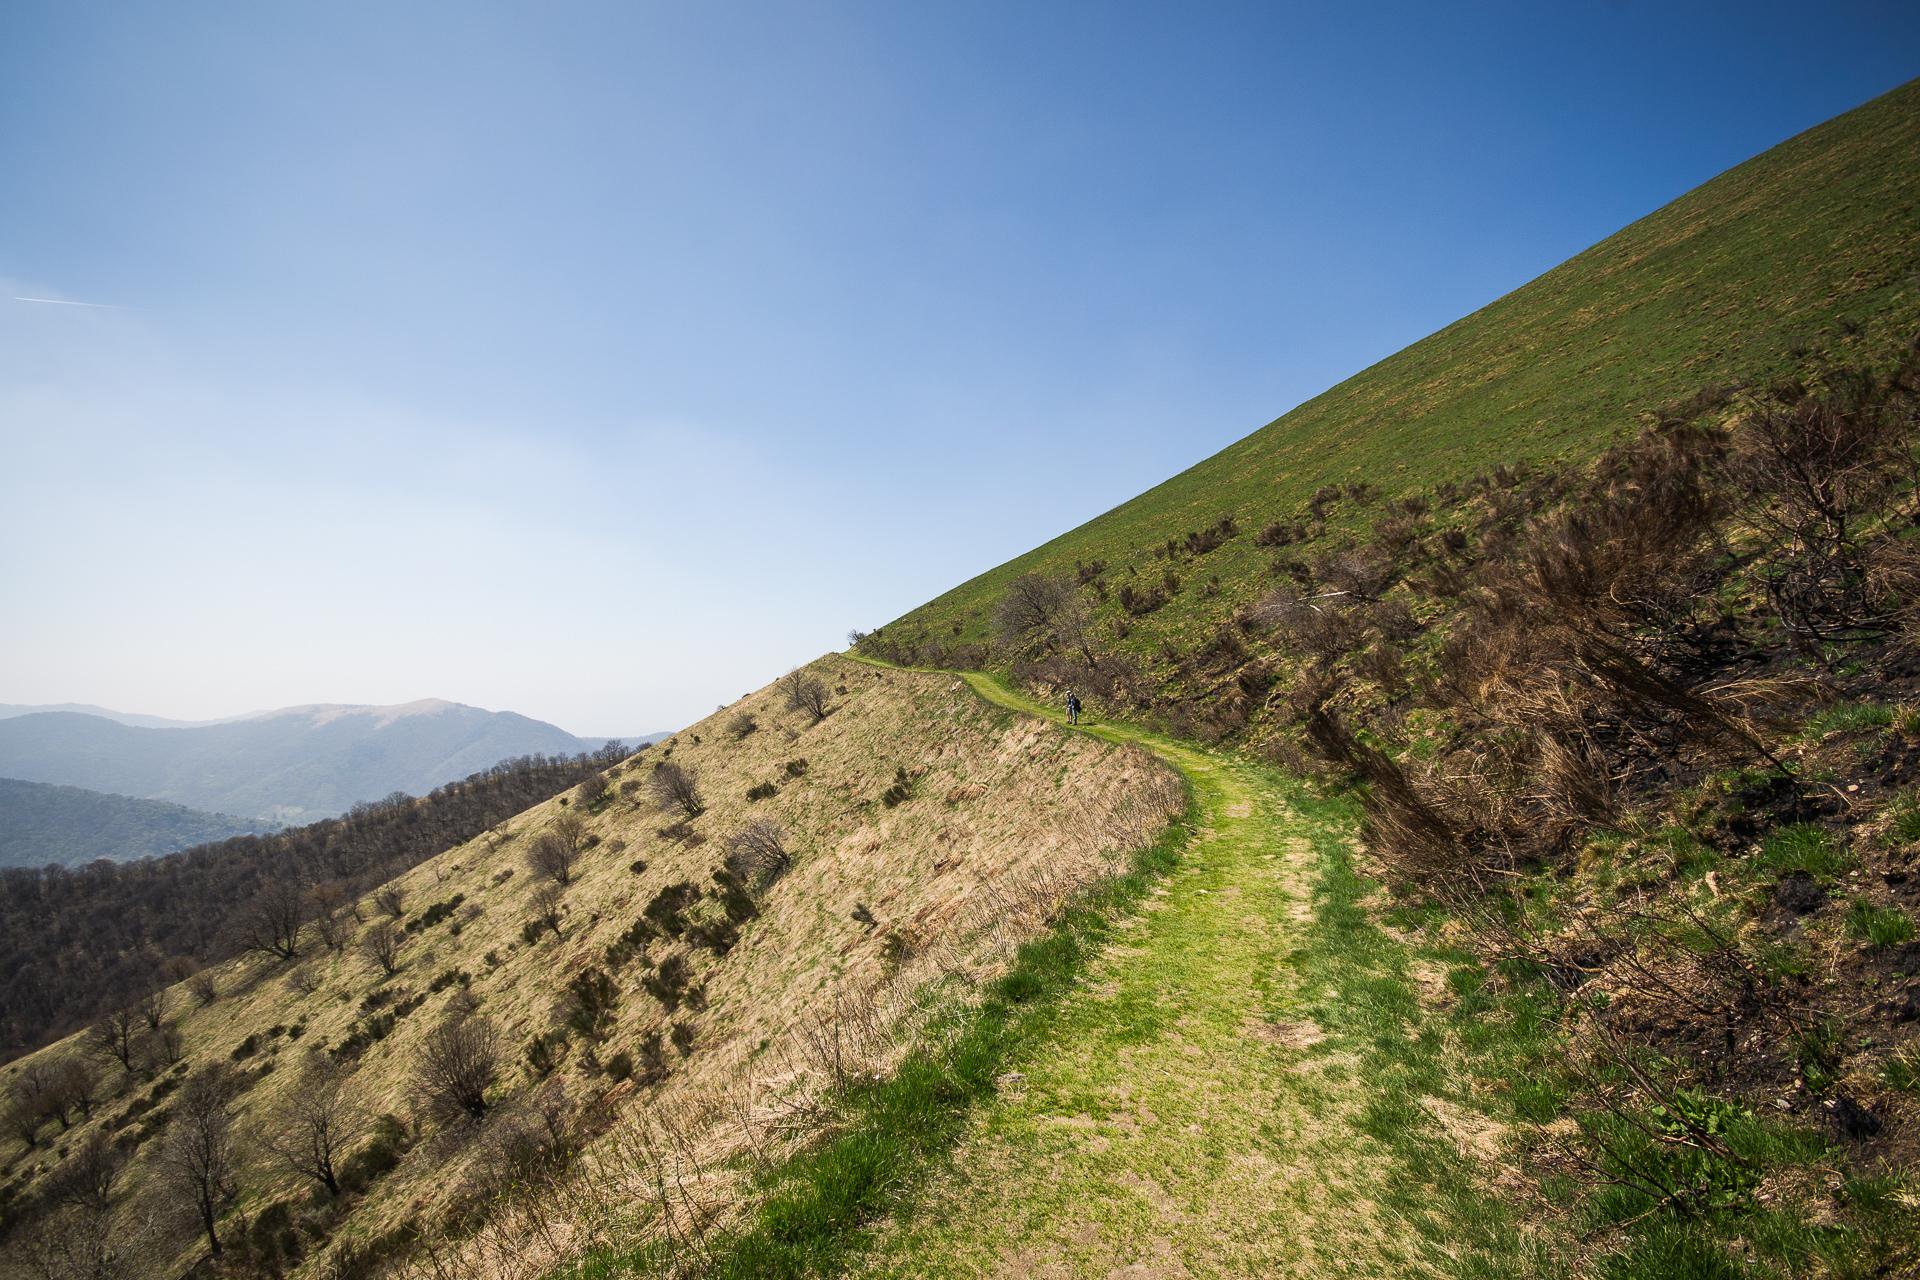 Ascesa alla vetta del Monte San Primo a cura del Gruppo Escursionistico Ass. Trad. Pietas – Nord Italia